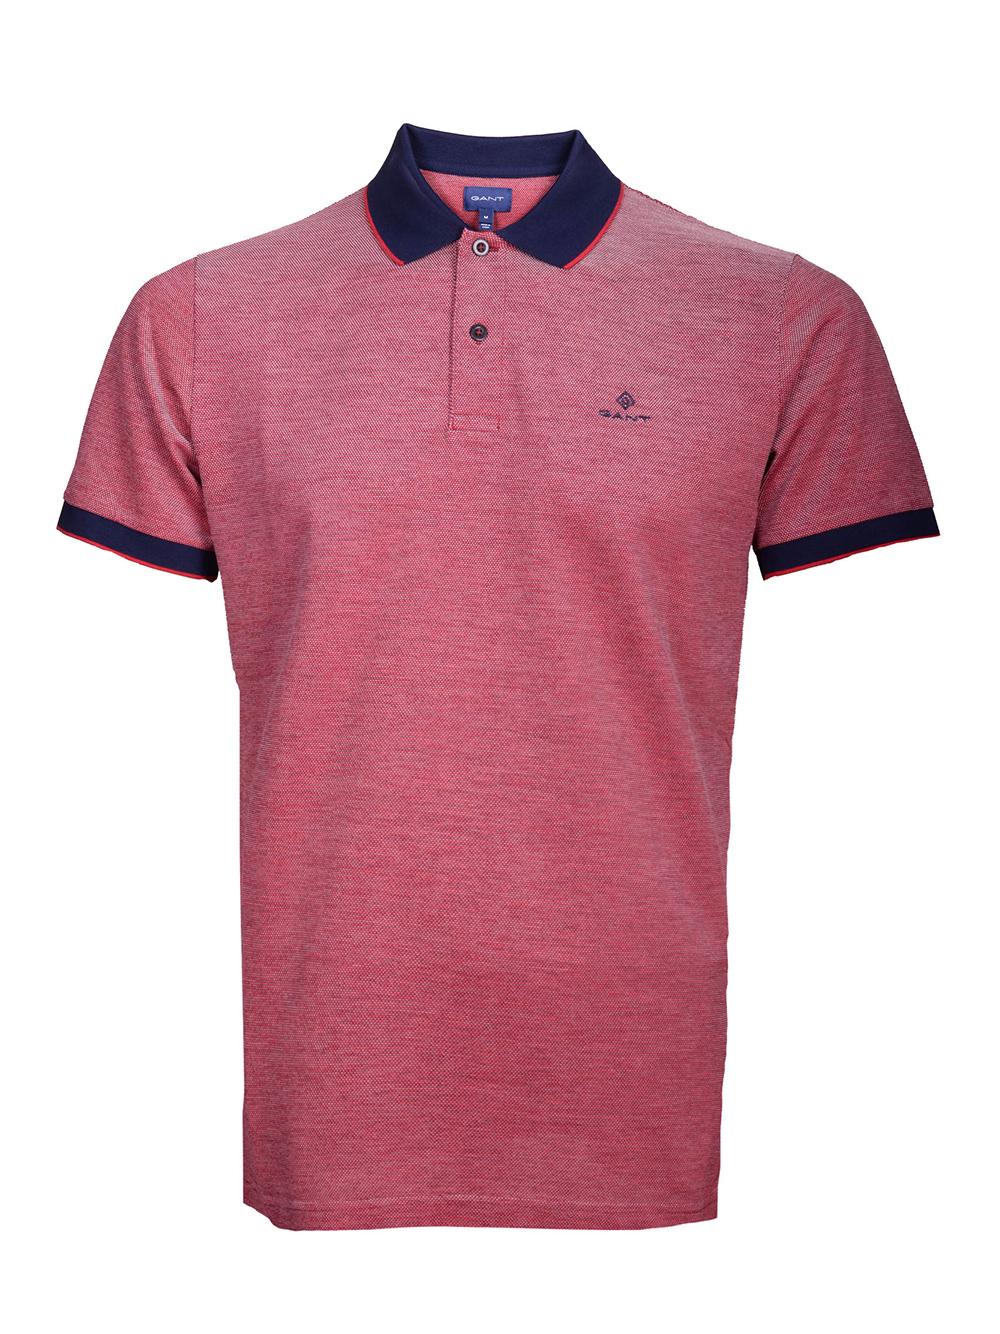 GANT Μπλούζα Polo 3G2012012 ΚΟΚΚΙΝΟ